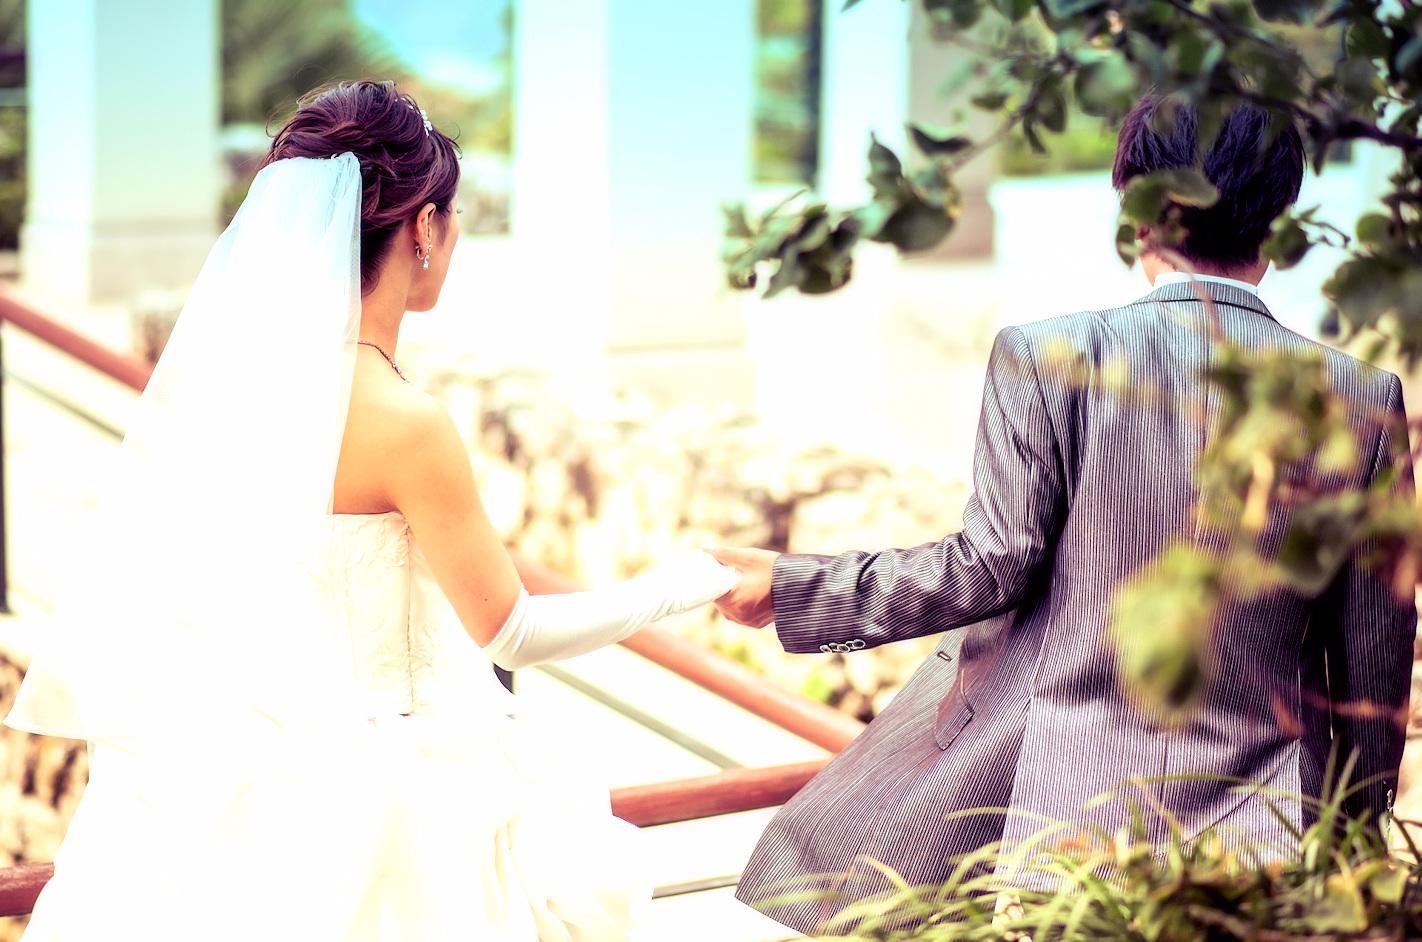 花嫁の手を優しく力強く引く花婿